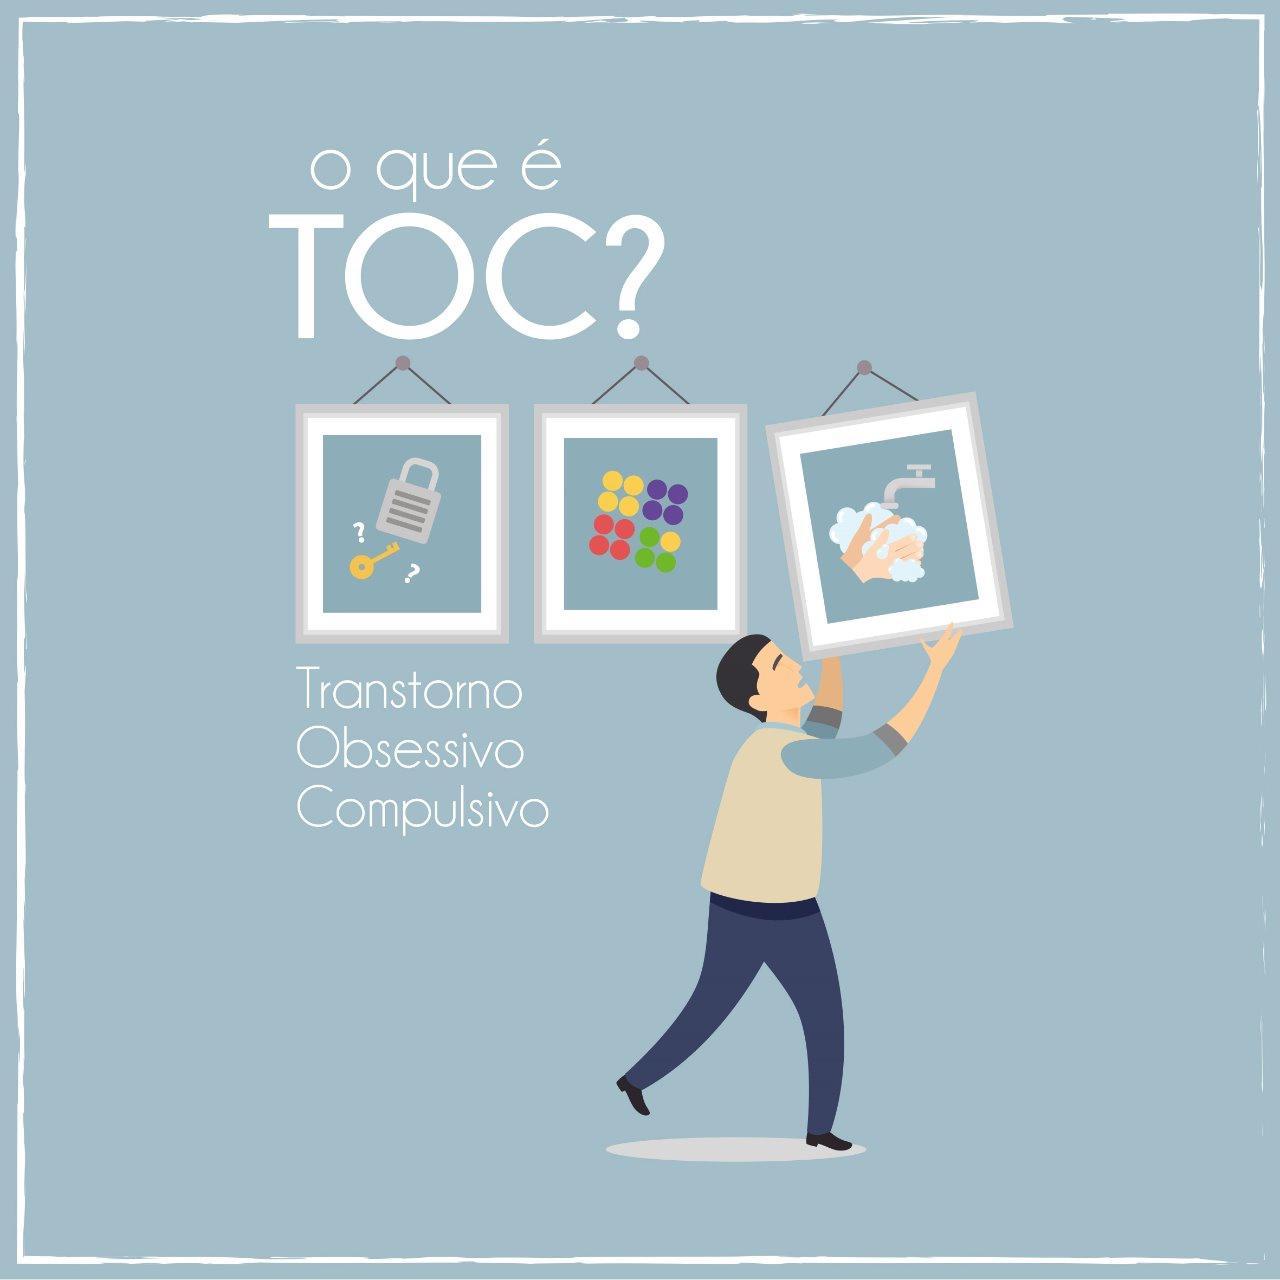 Transtorno Obsessivo-Compulsivo (TOC)